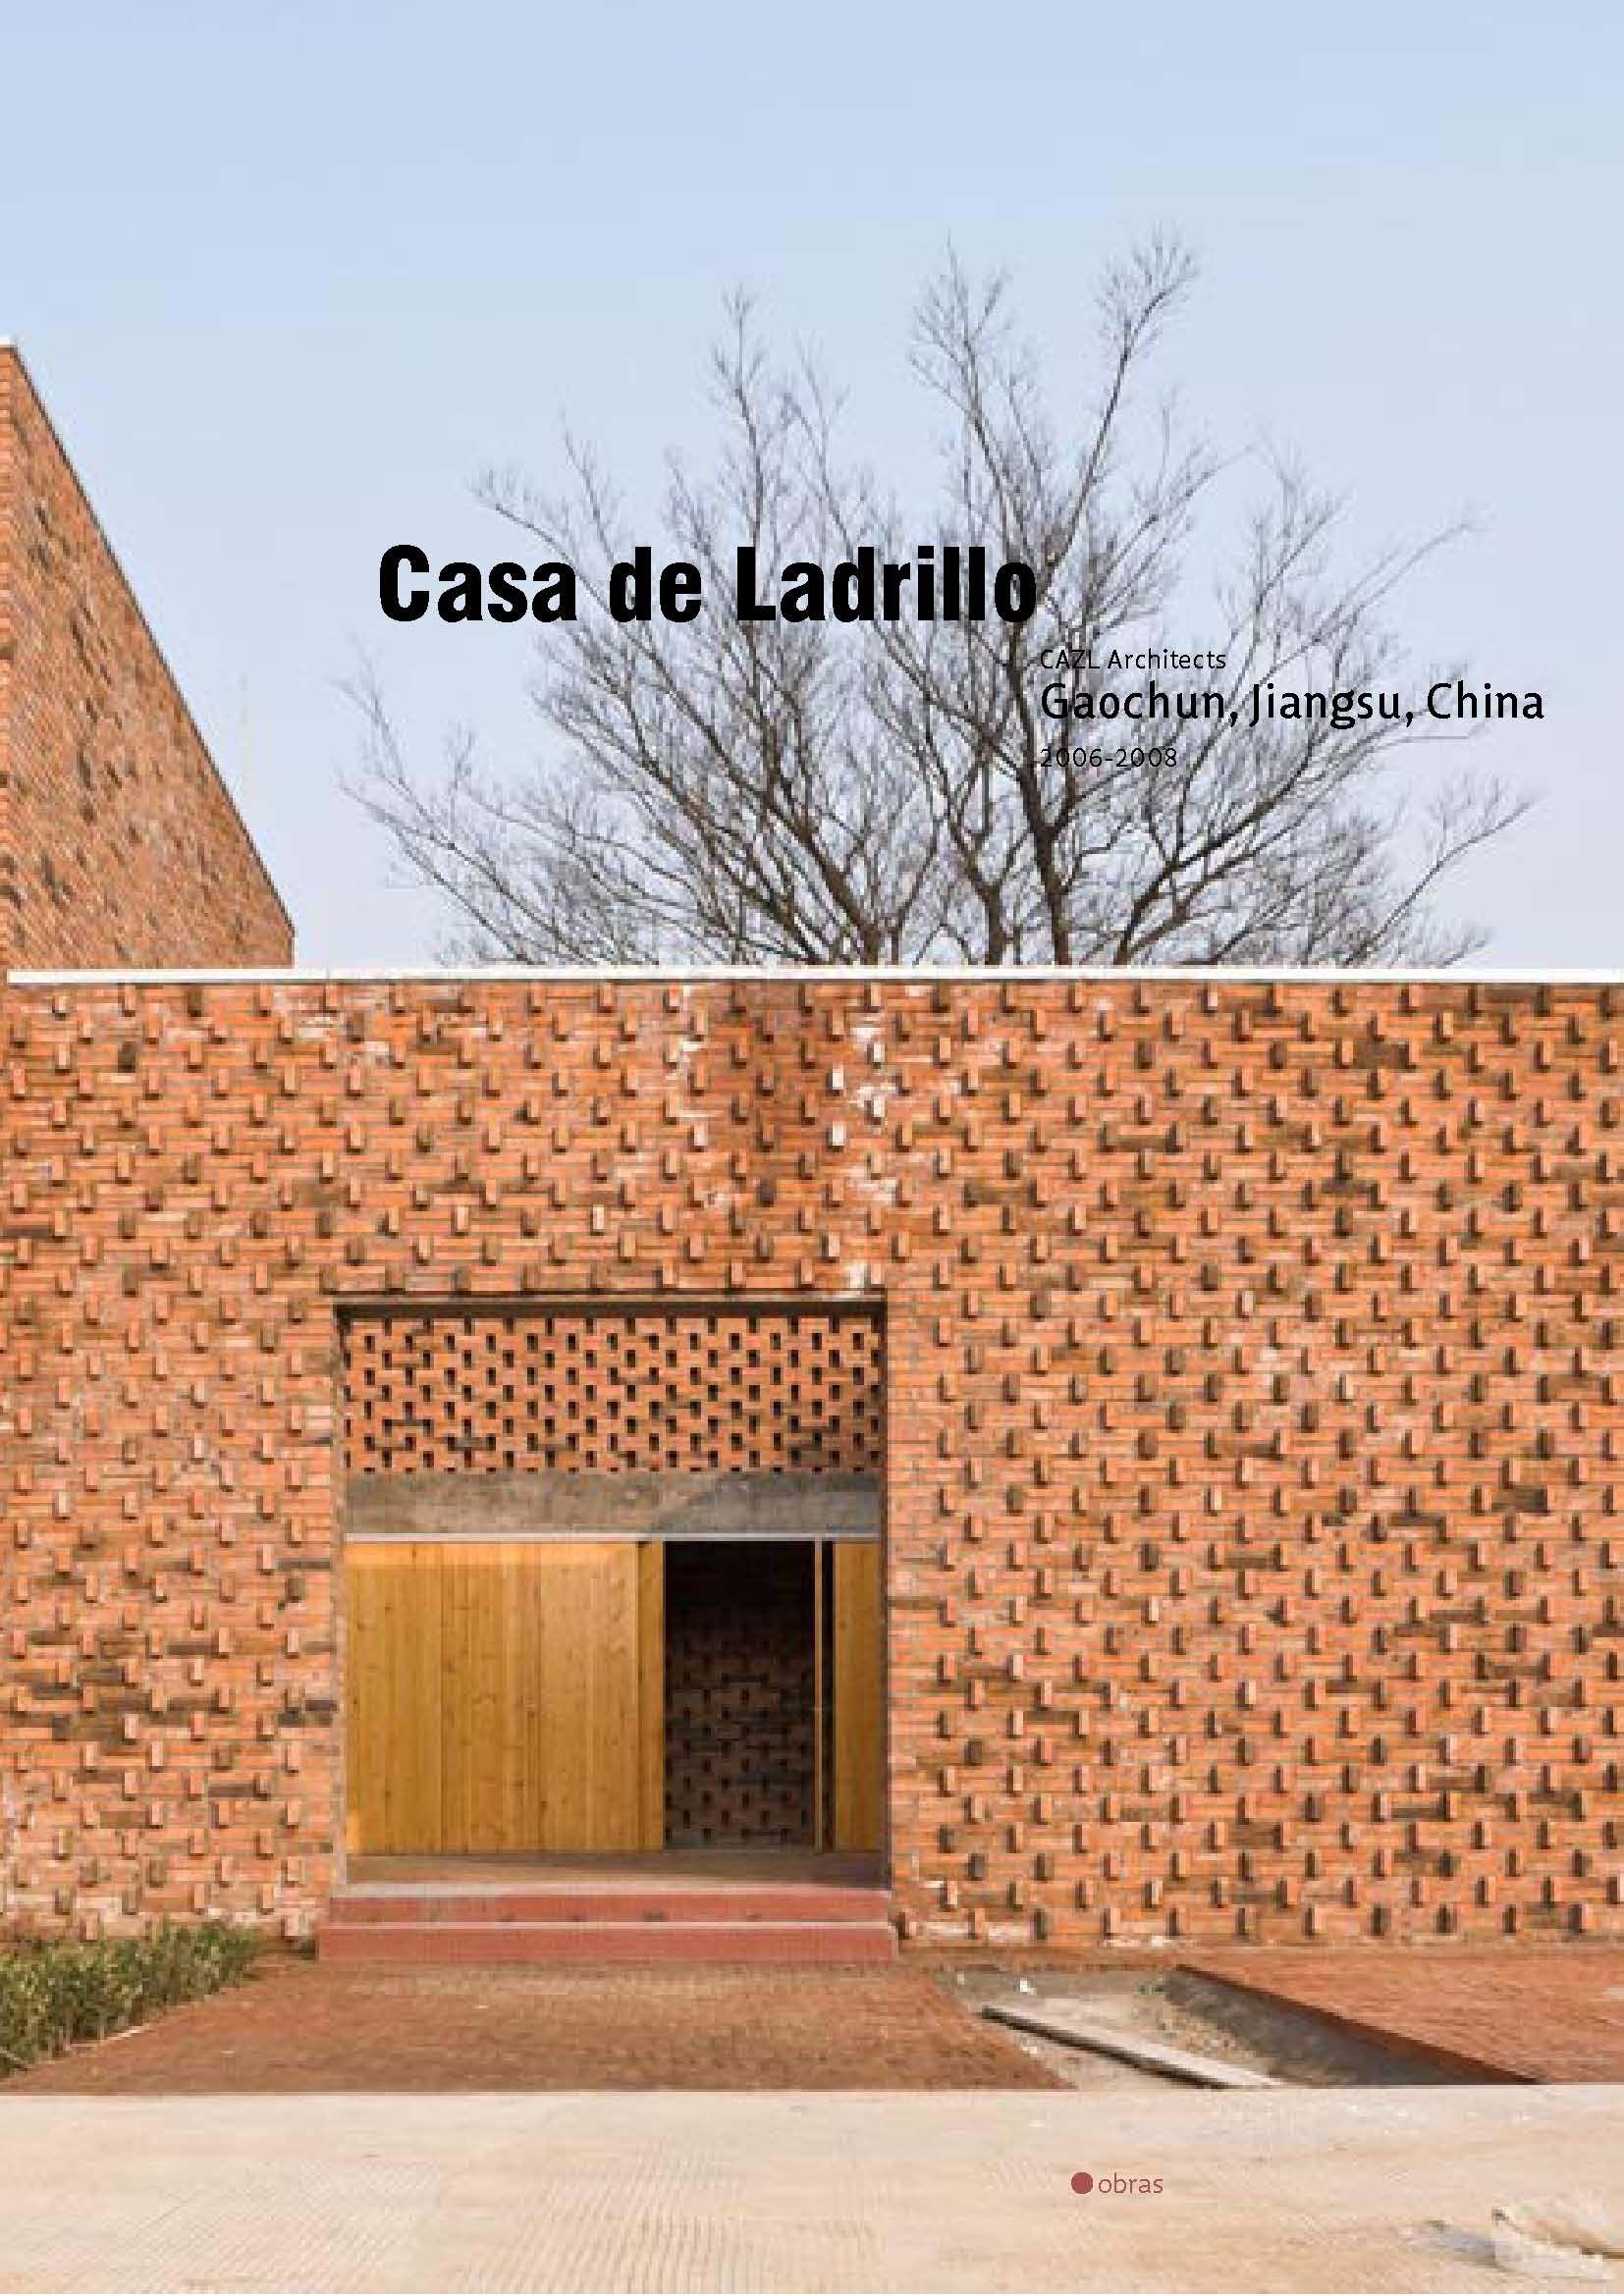 Casa de ladrillo texturas ladrillos pinterest - Casas de ladrillos ...